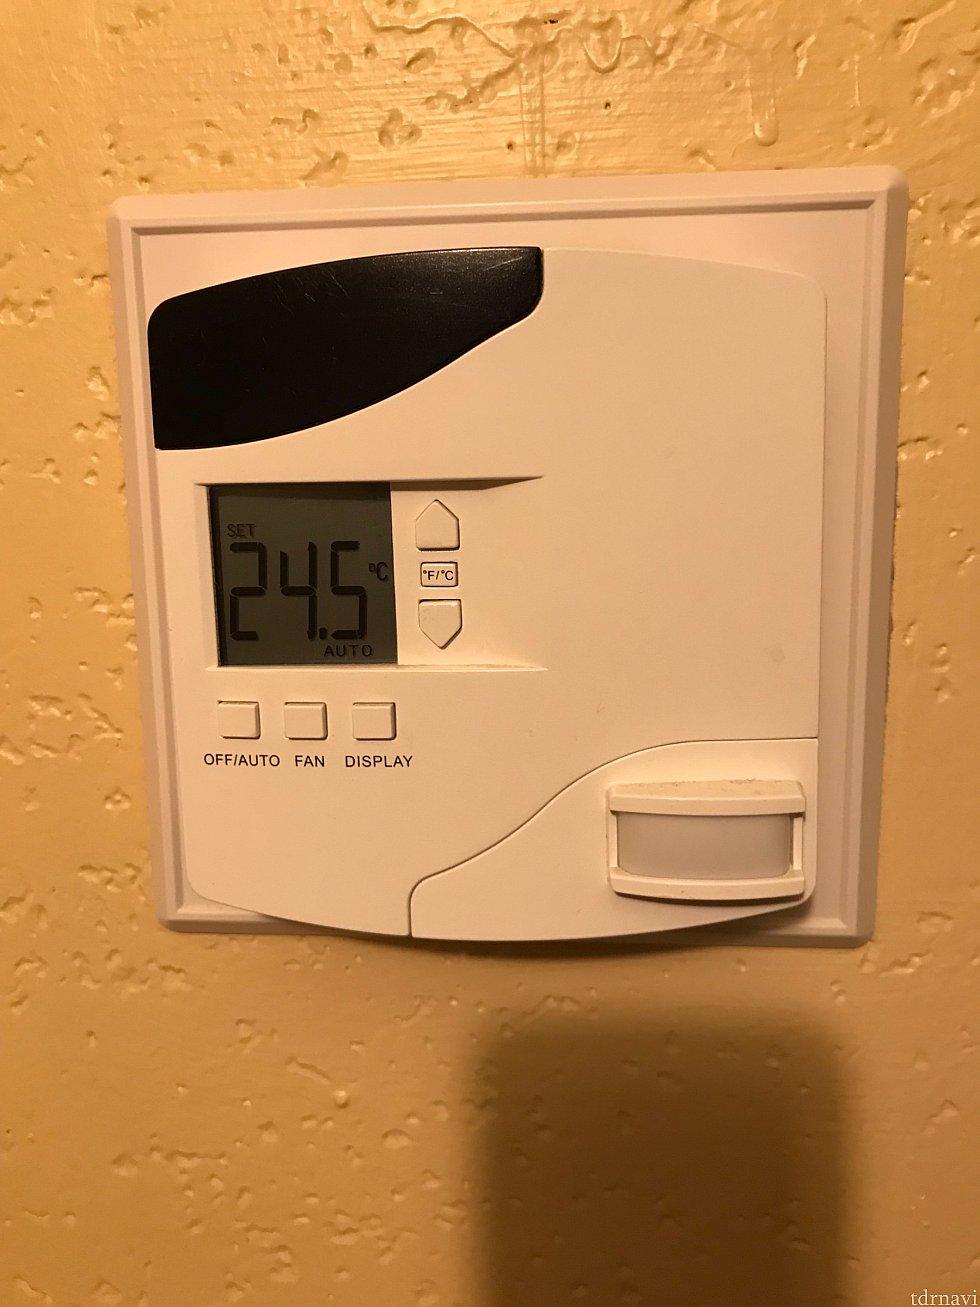 クーラーの設定はこれで行えます たまにメイドさんがベッドメイクした後に温度が下がってることがあるので帰ってきた時に確認した方がいいかもしれません